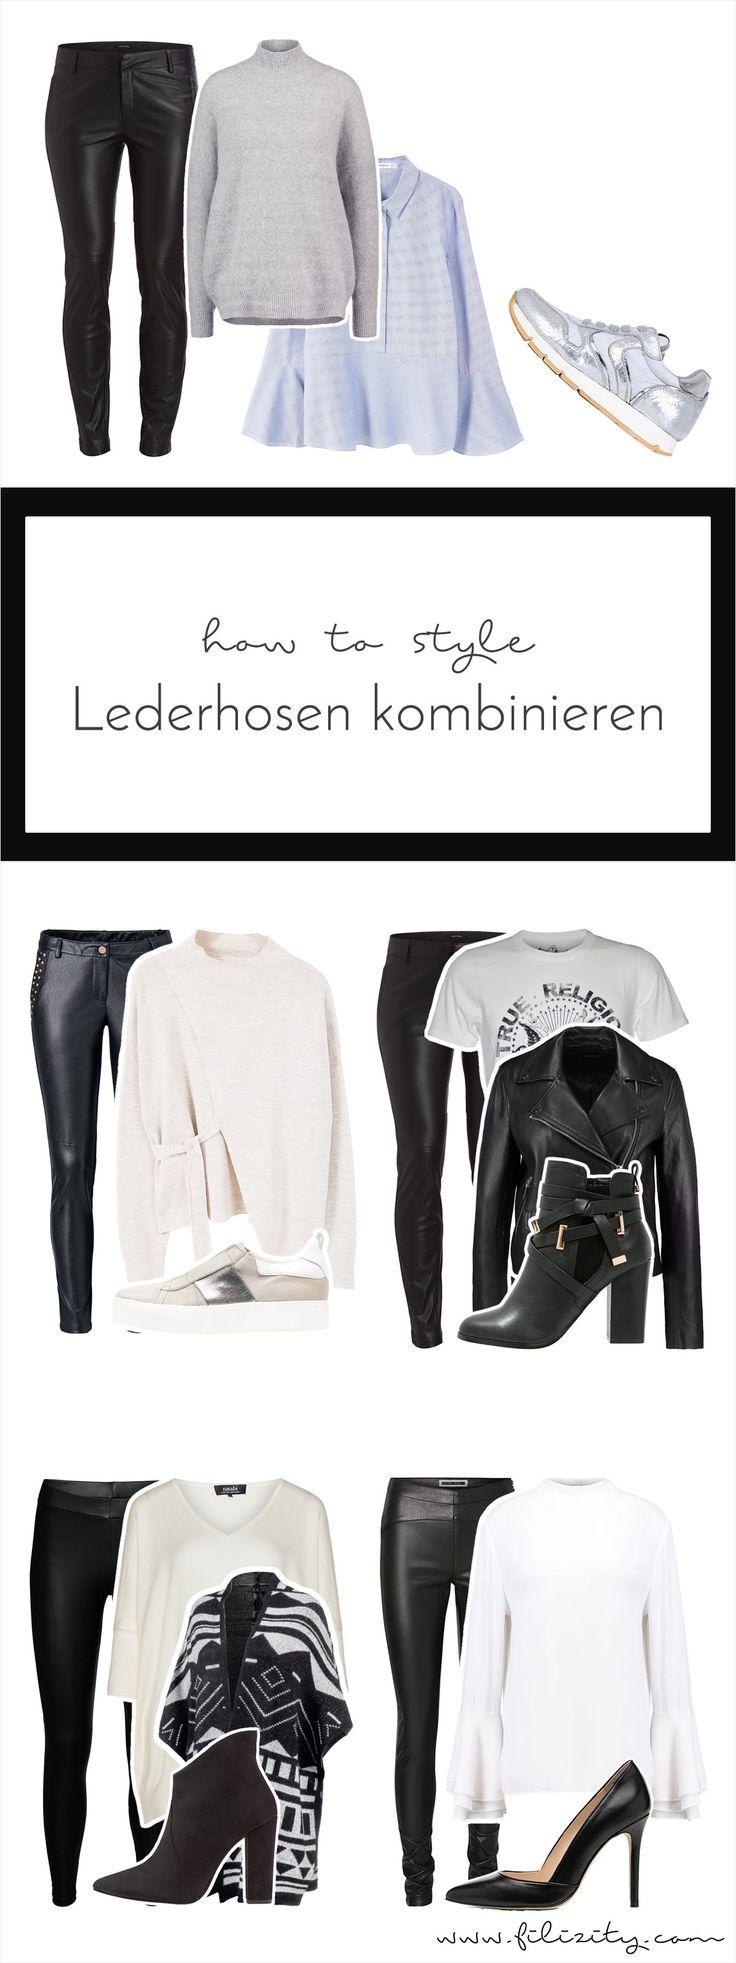 Seit 2016 bleibender Trend: (Kunst-) Lederhosen feiern ihr großes Comeback! So kombiniert ihr das vielseitige It-Piece stilsicher.